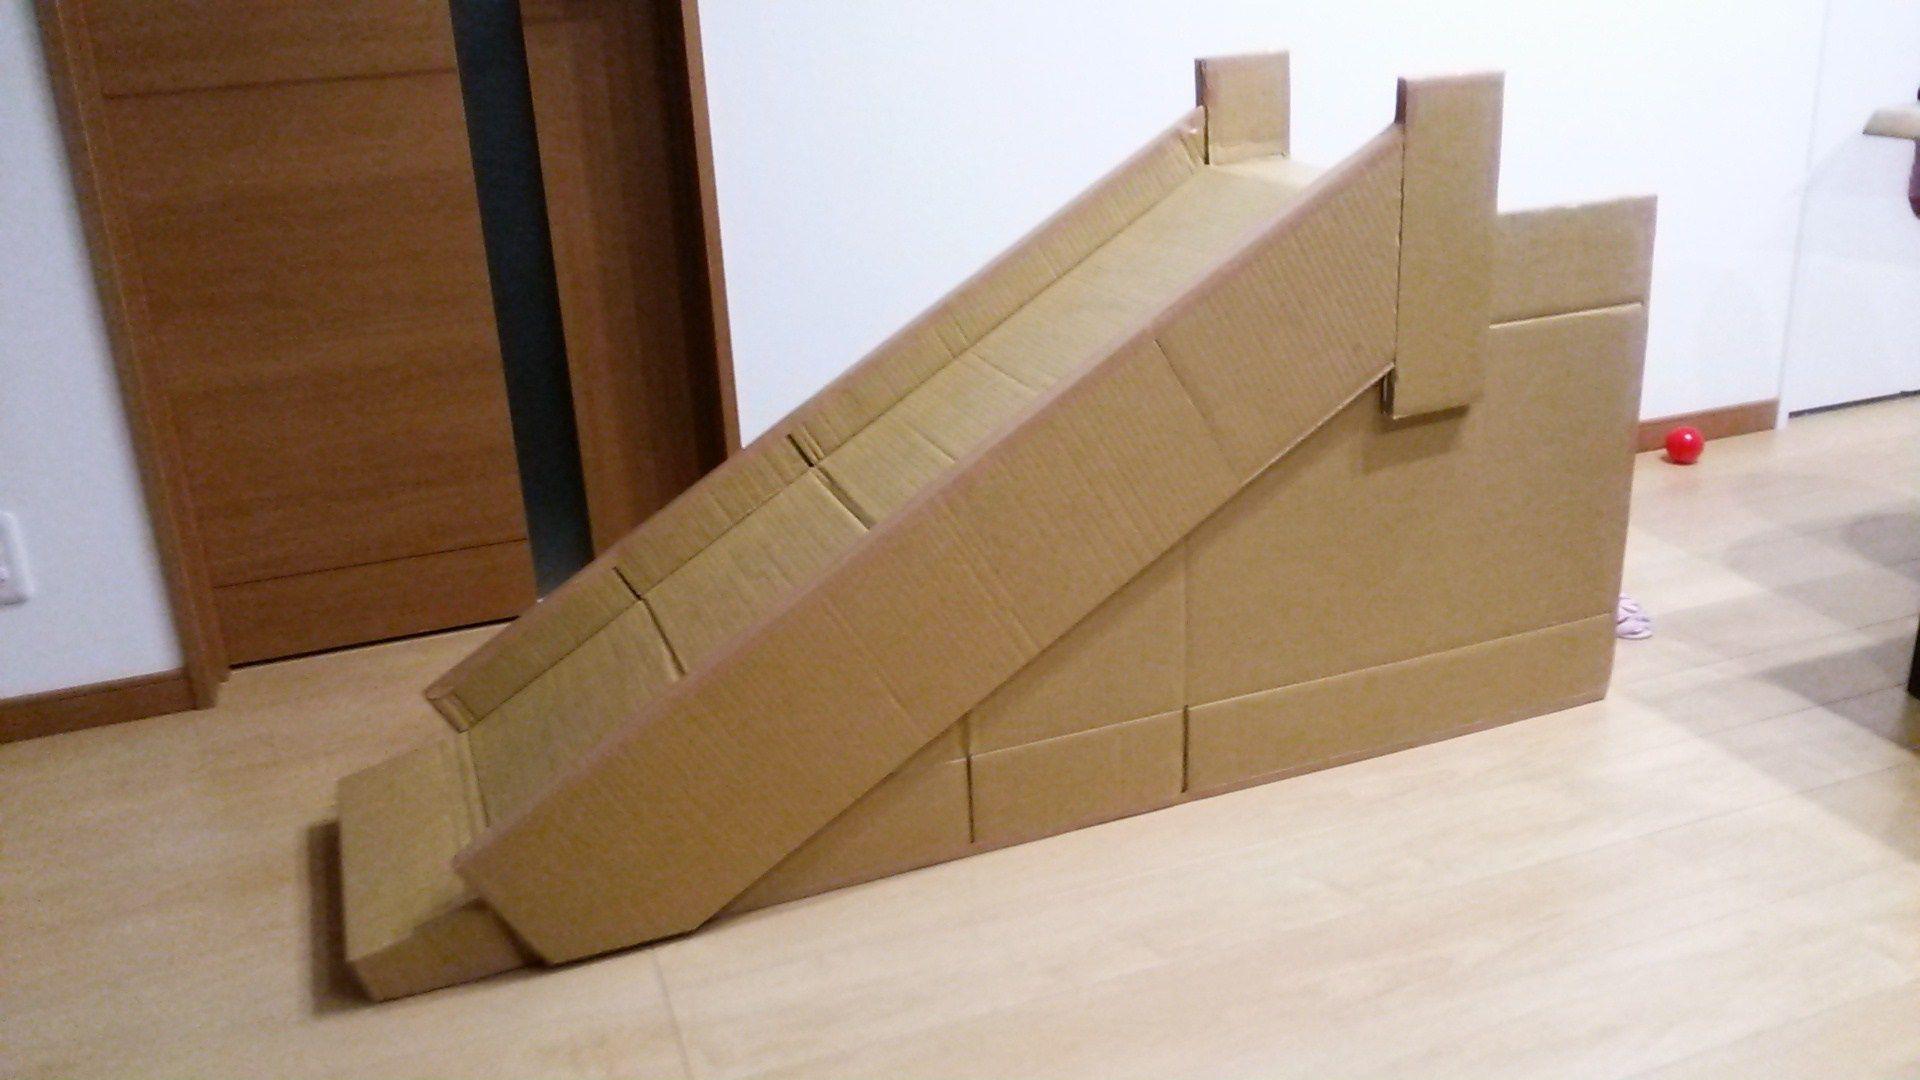 ダンボール滑り台の作り方を解説 簡単に作れる手順と材料まとめ